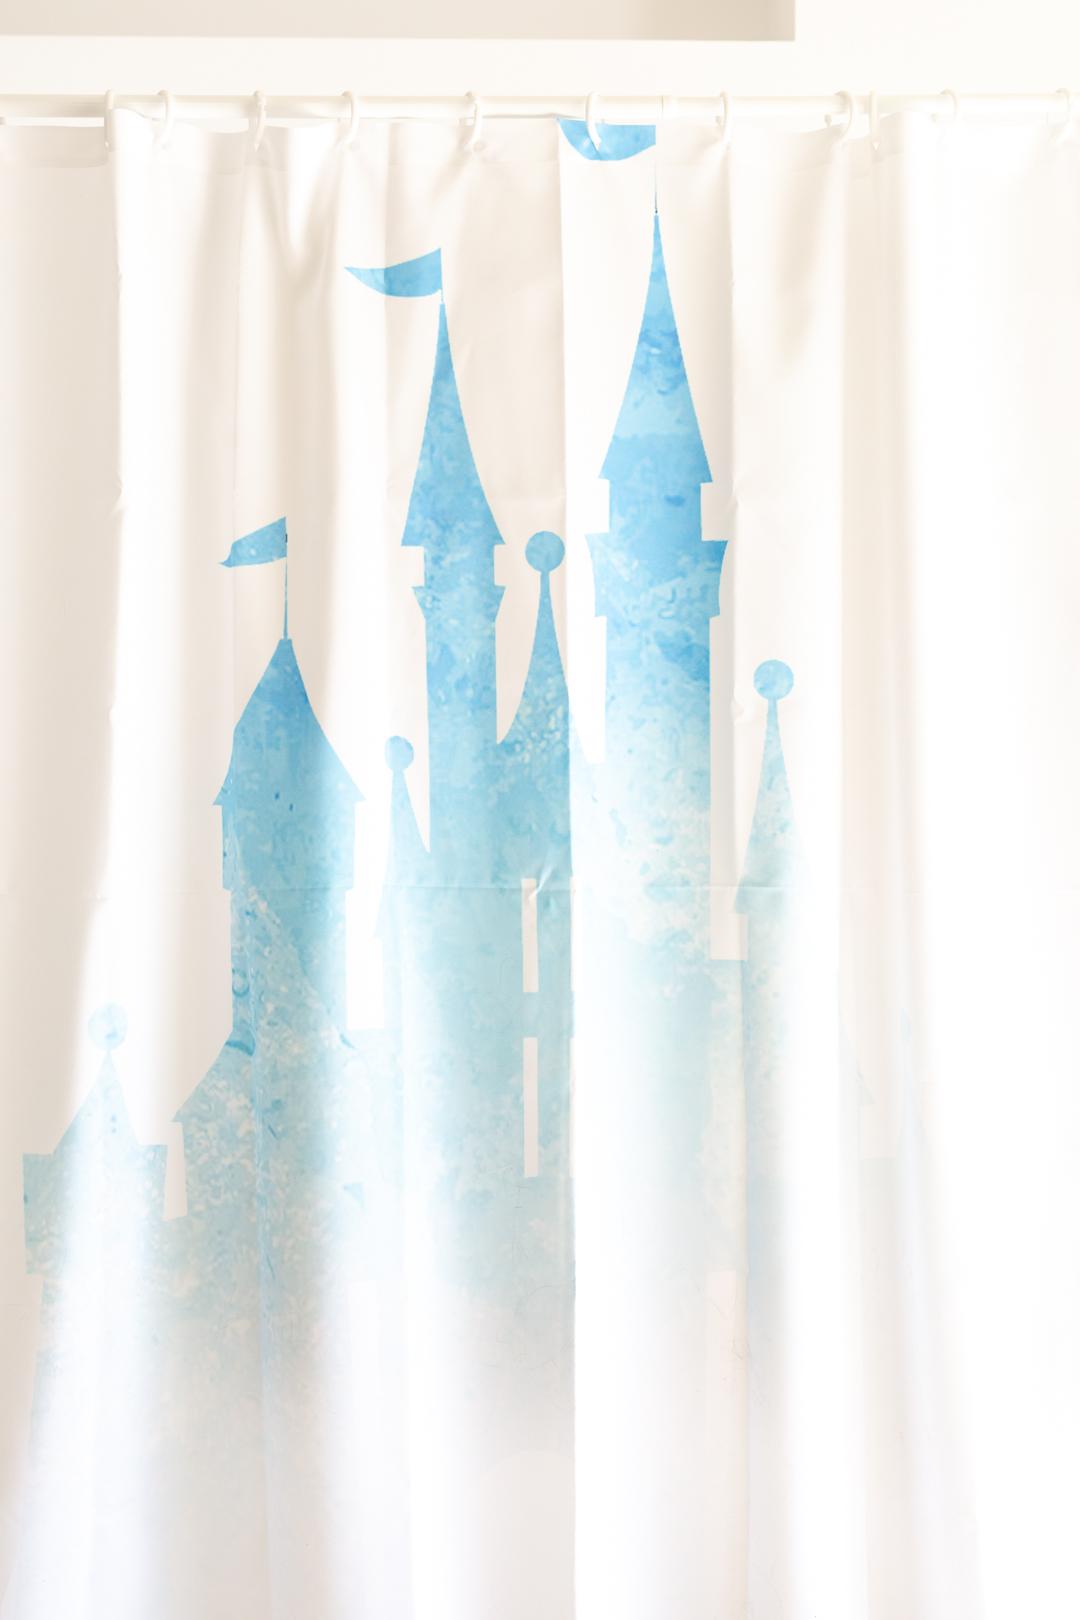 pretty disney castle magic kingdom Cinderella's castle shower curtain. all white with blue watercolor.